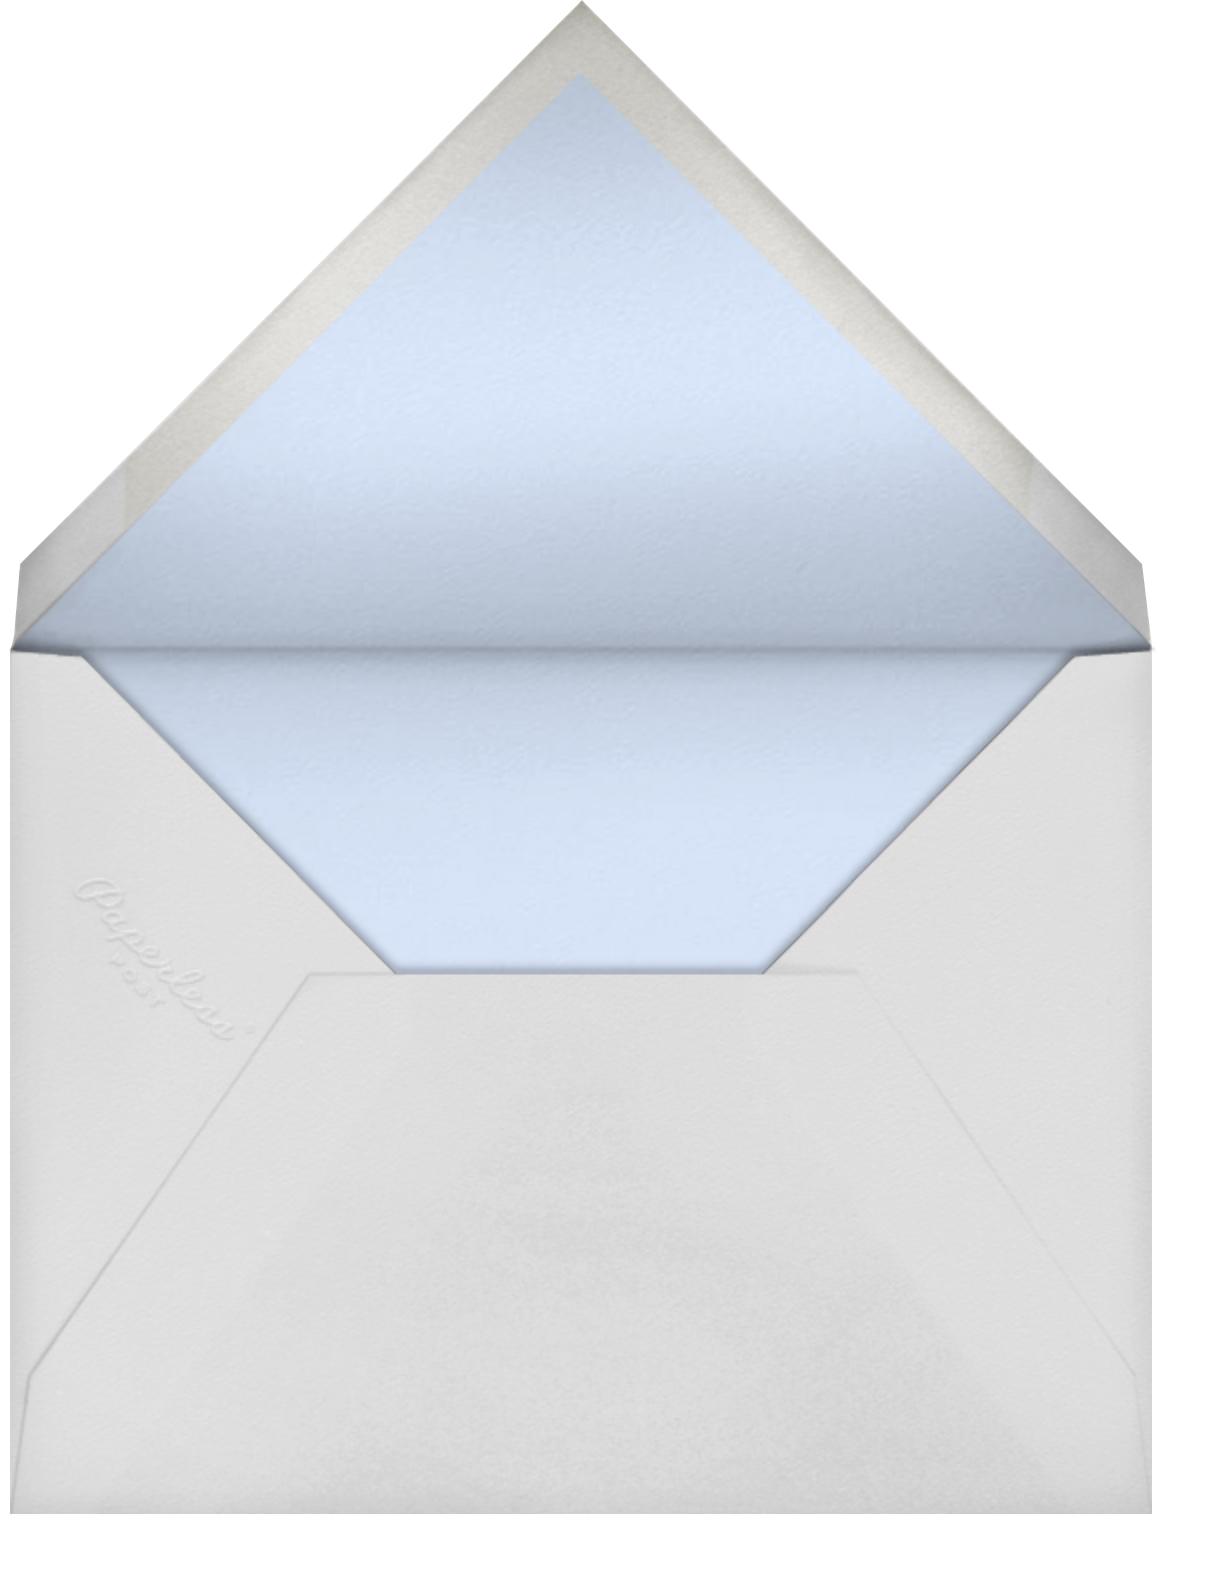 Wildflower Calico - Navy/Tundra - Oscar de la Renta - Envelope